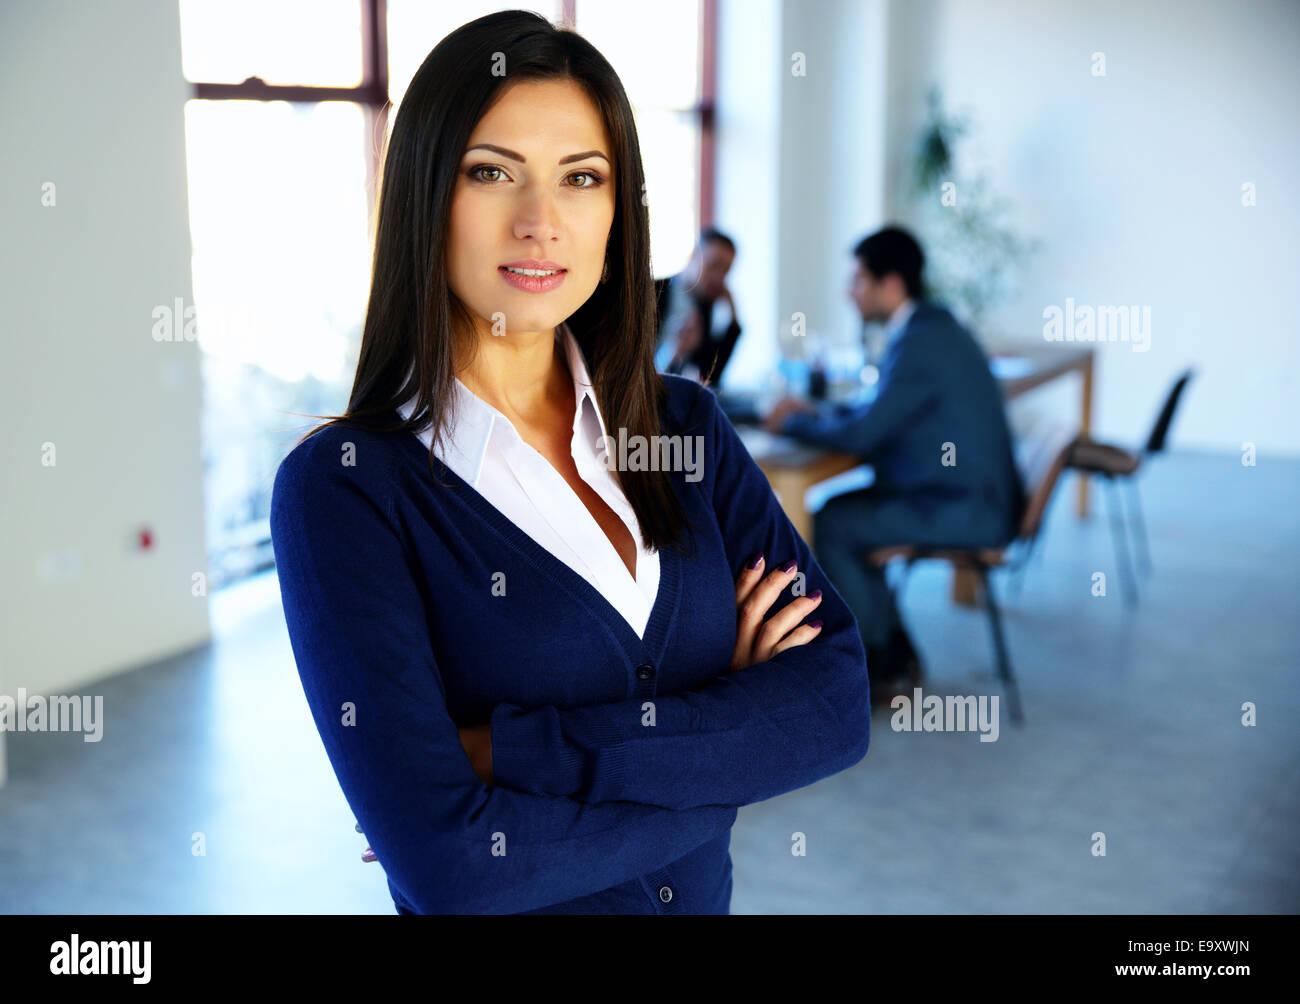 Schöne Frau mit Arme verschränkt mit Kolleginnen und Kollegen im Hintergrund Stockbild